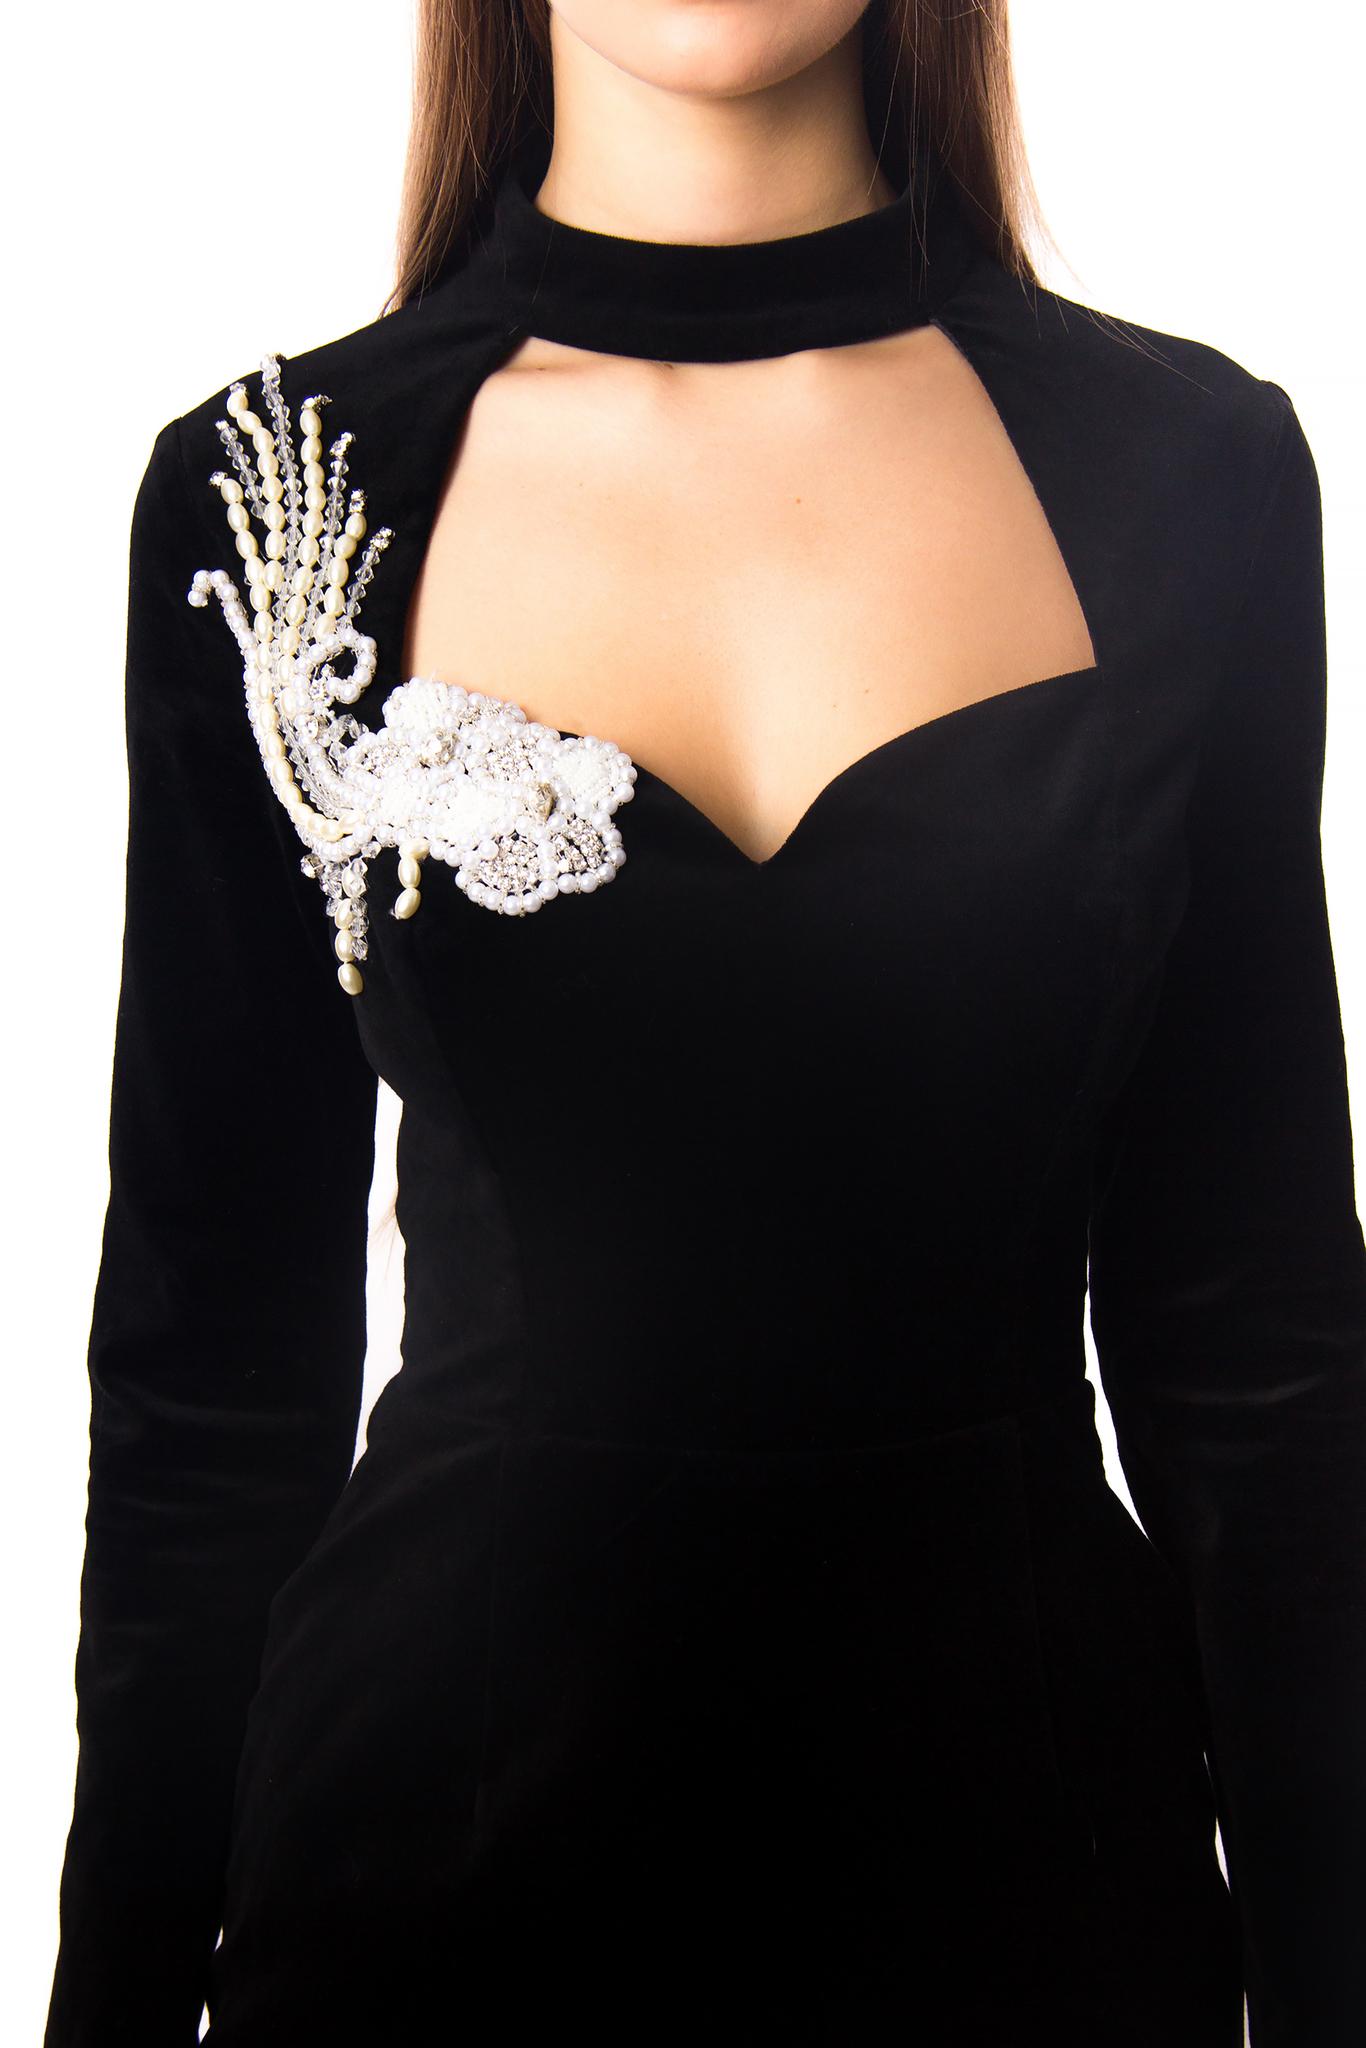 Приталенное черное бархатное платье-мини с глубоким вырезом и расшитым жемчугом  украшением